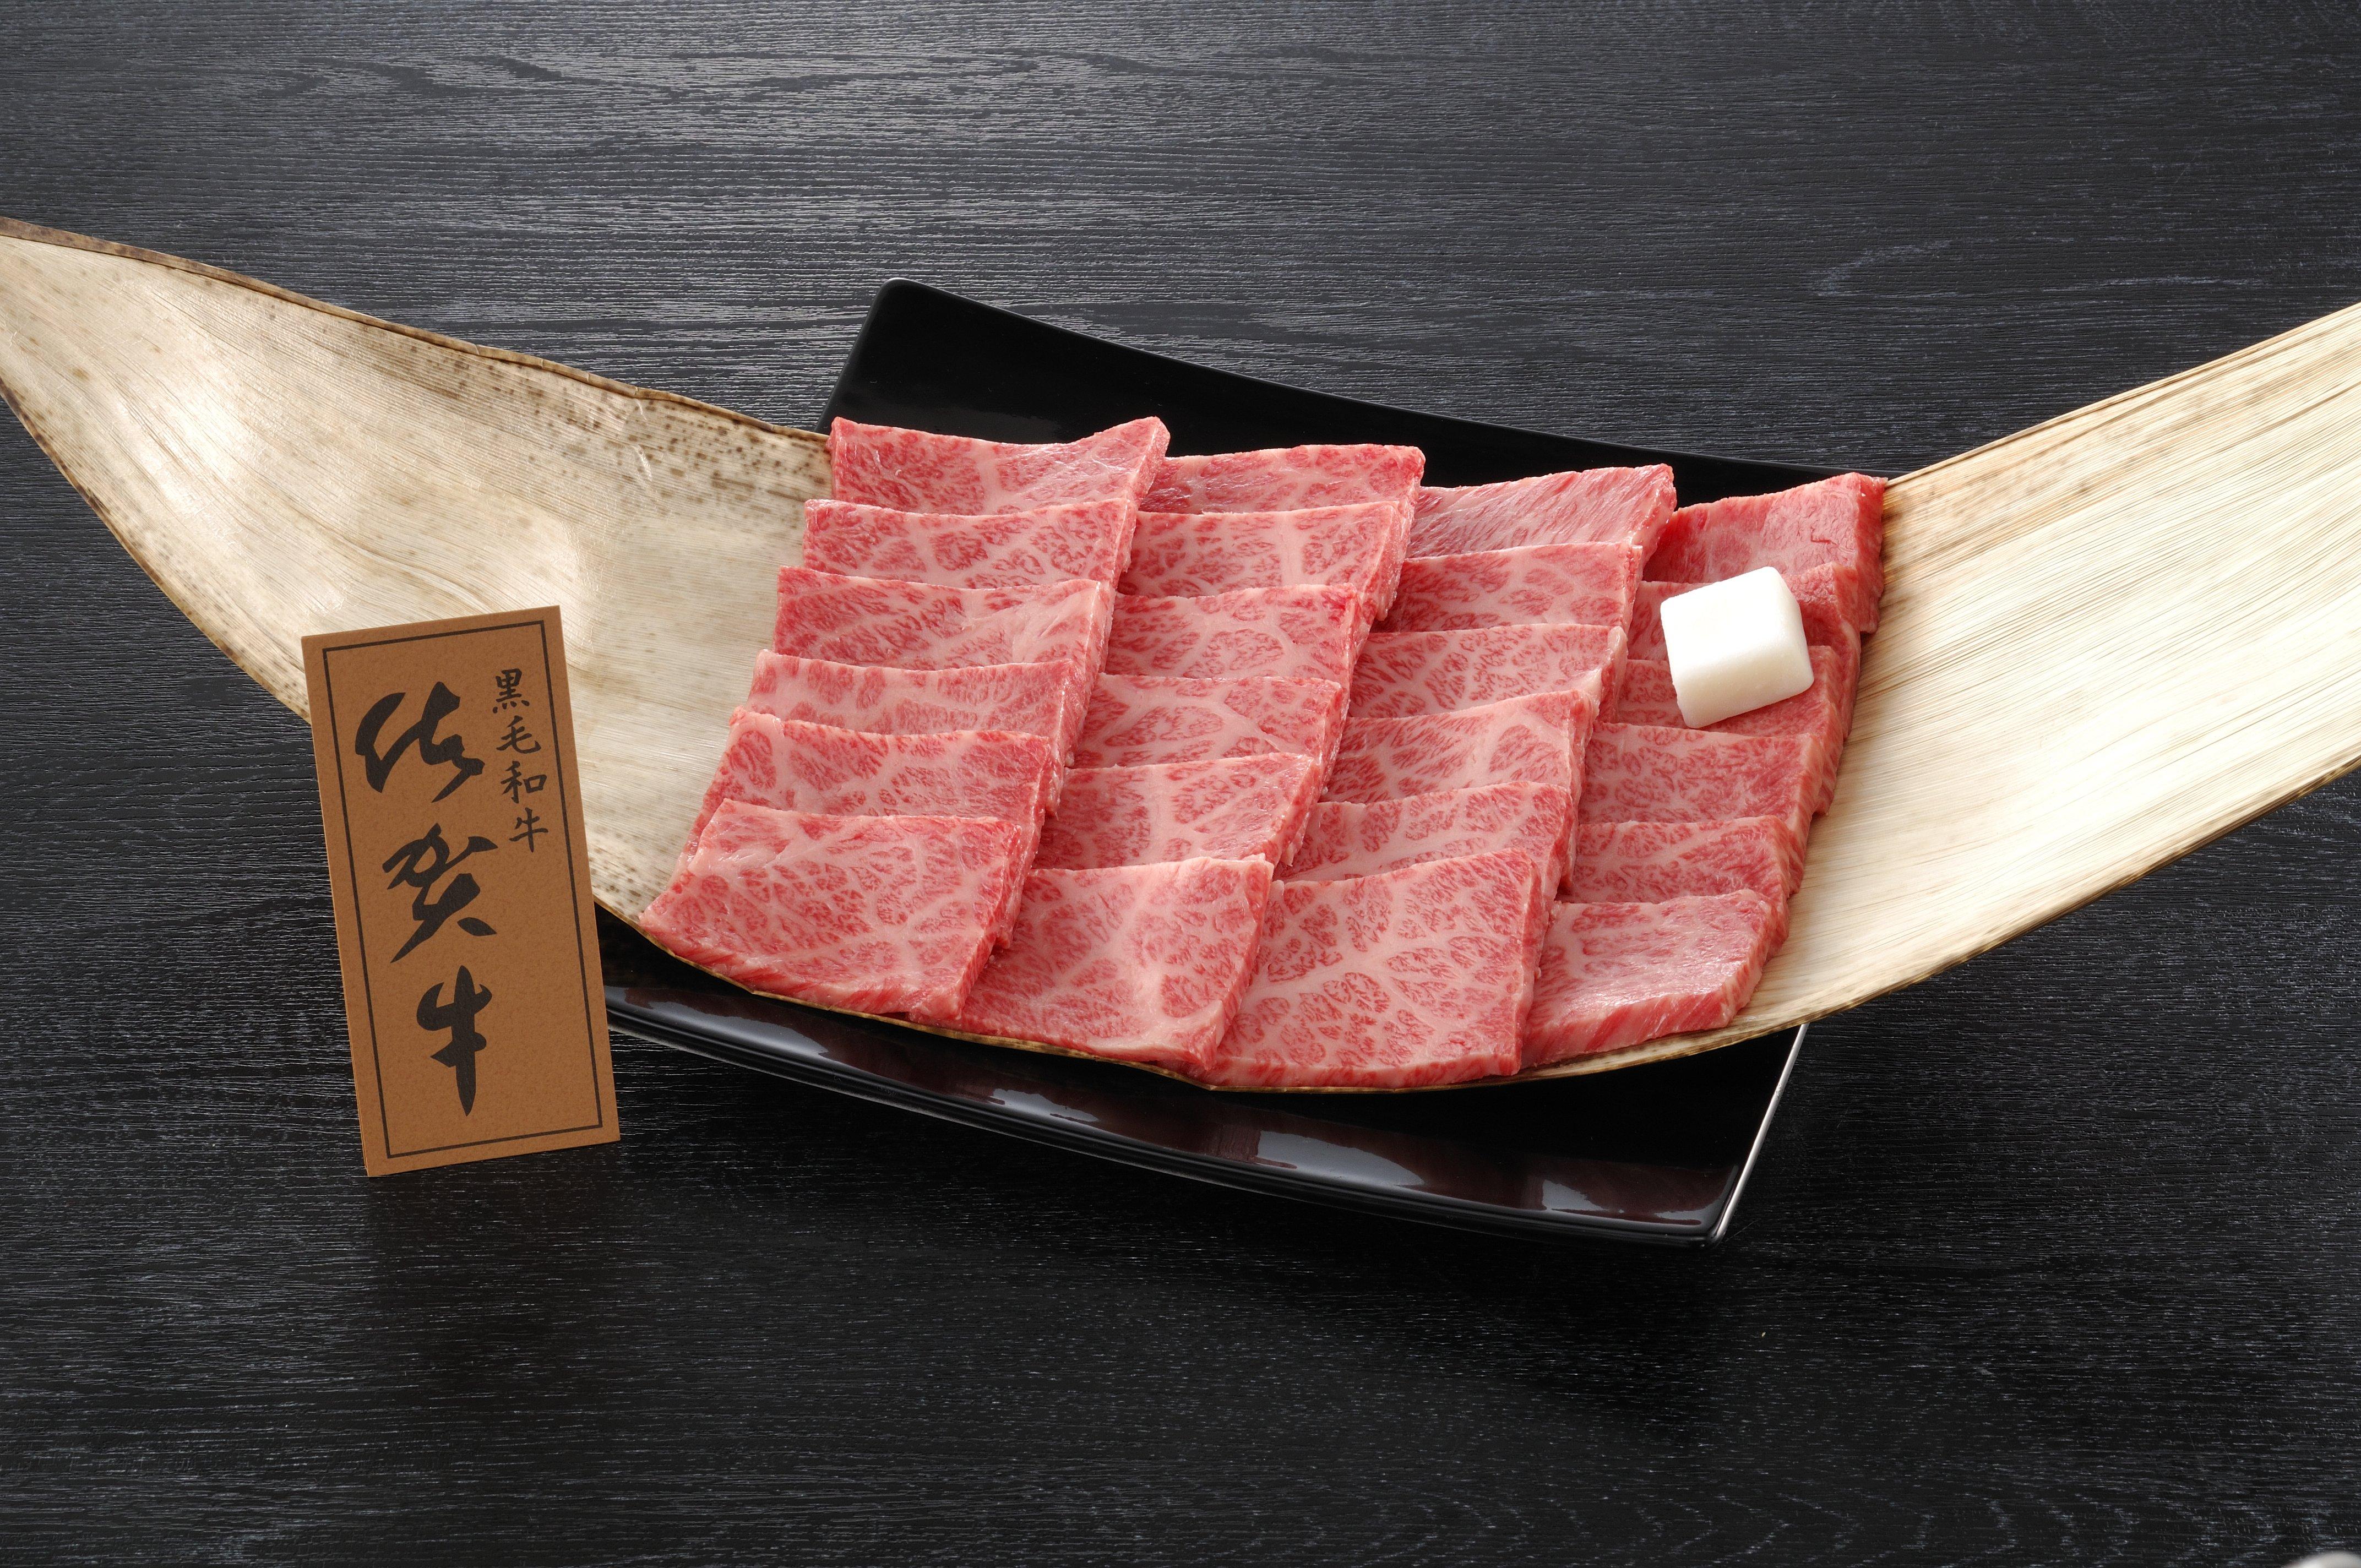 【佐賀県】佐賀牛肩ロース焼肉 400g